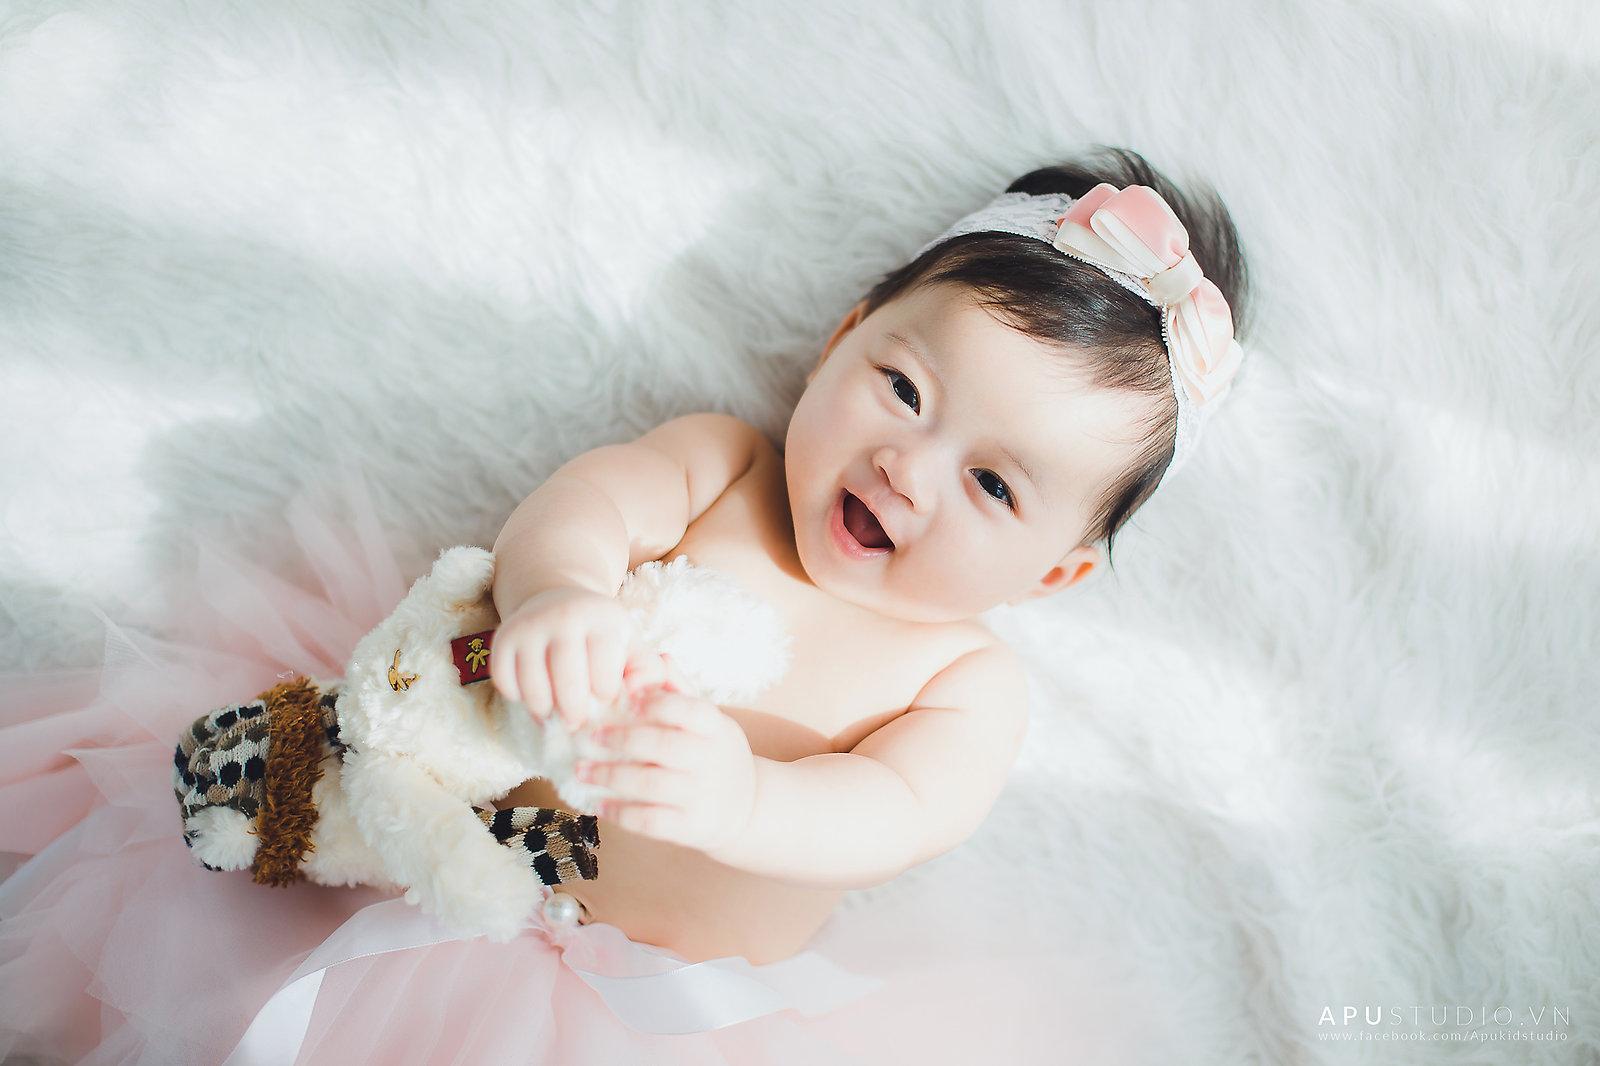 Chụp hình baby